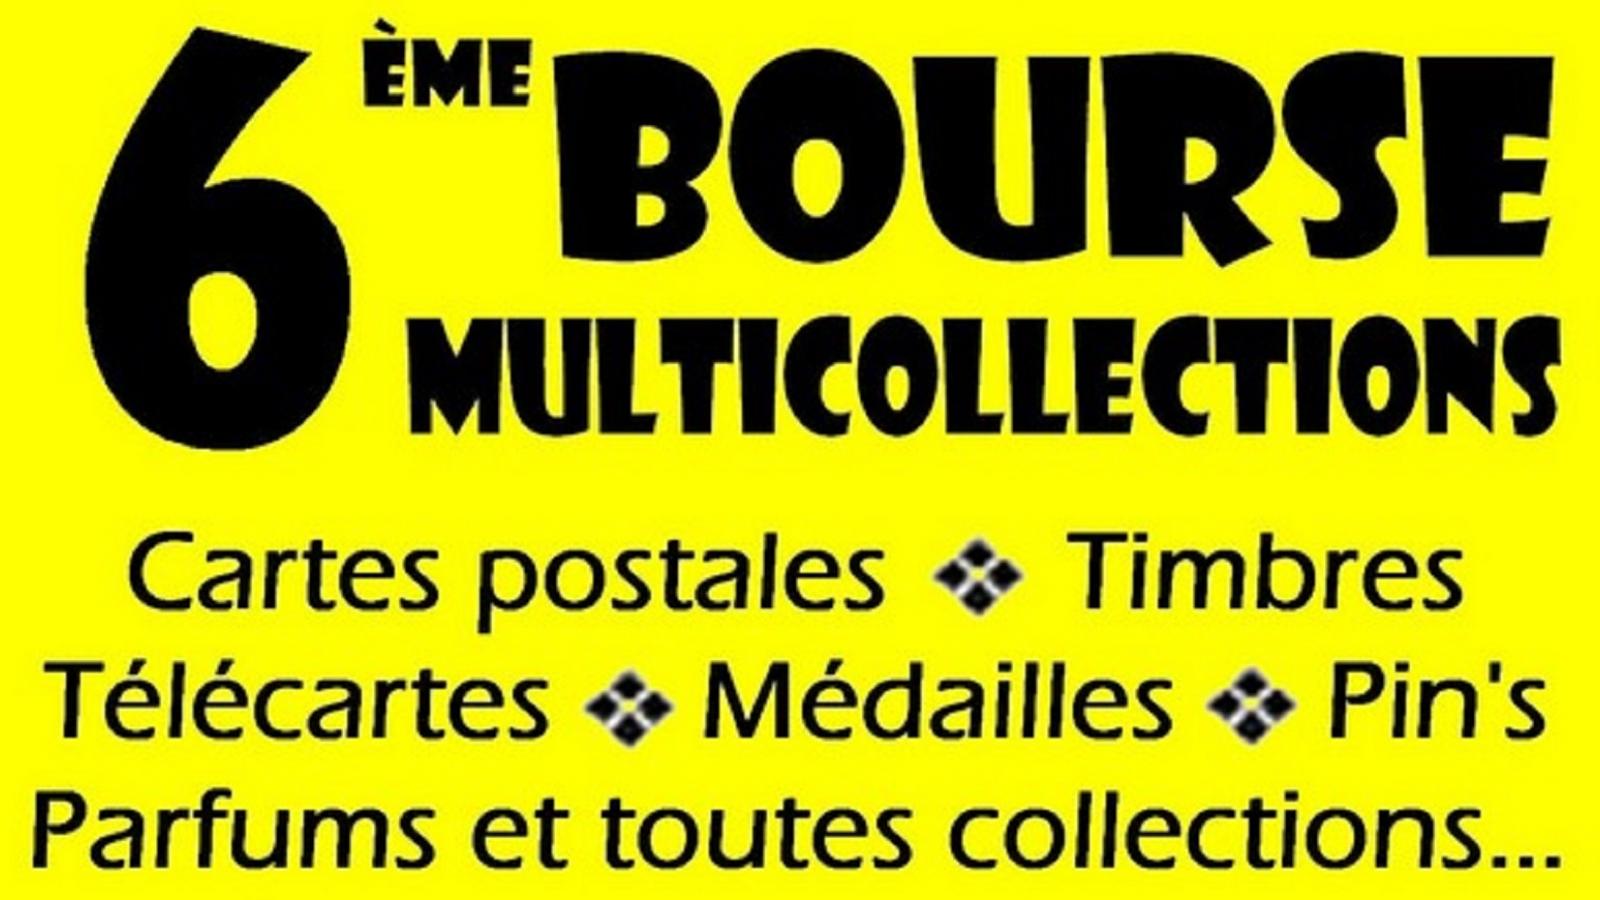 © 6ème salon exposition multicollection